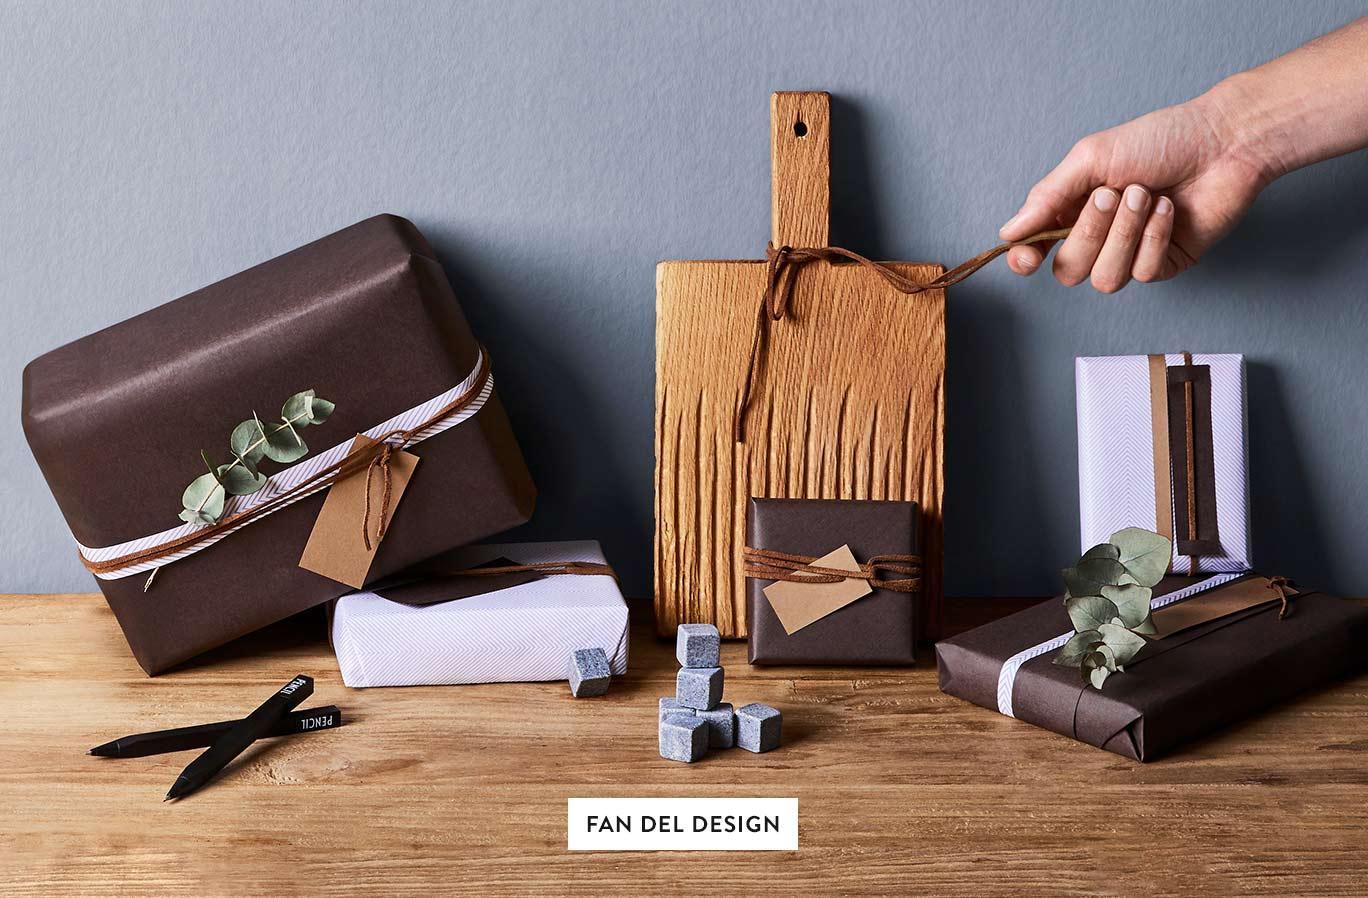 Per_lui_-_Fan_del_design